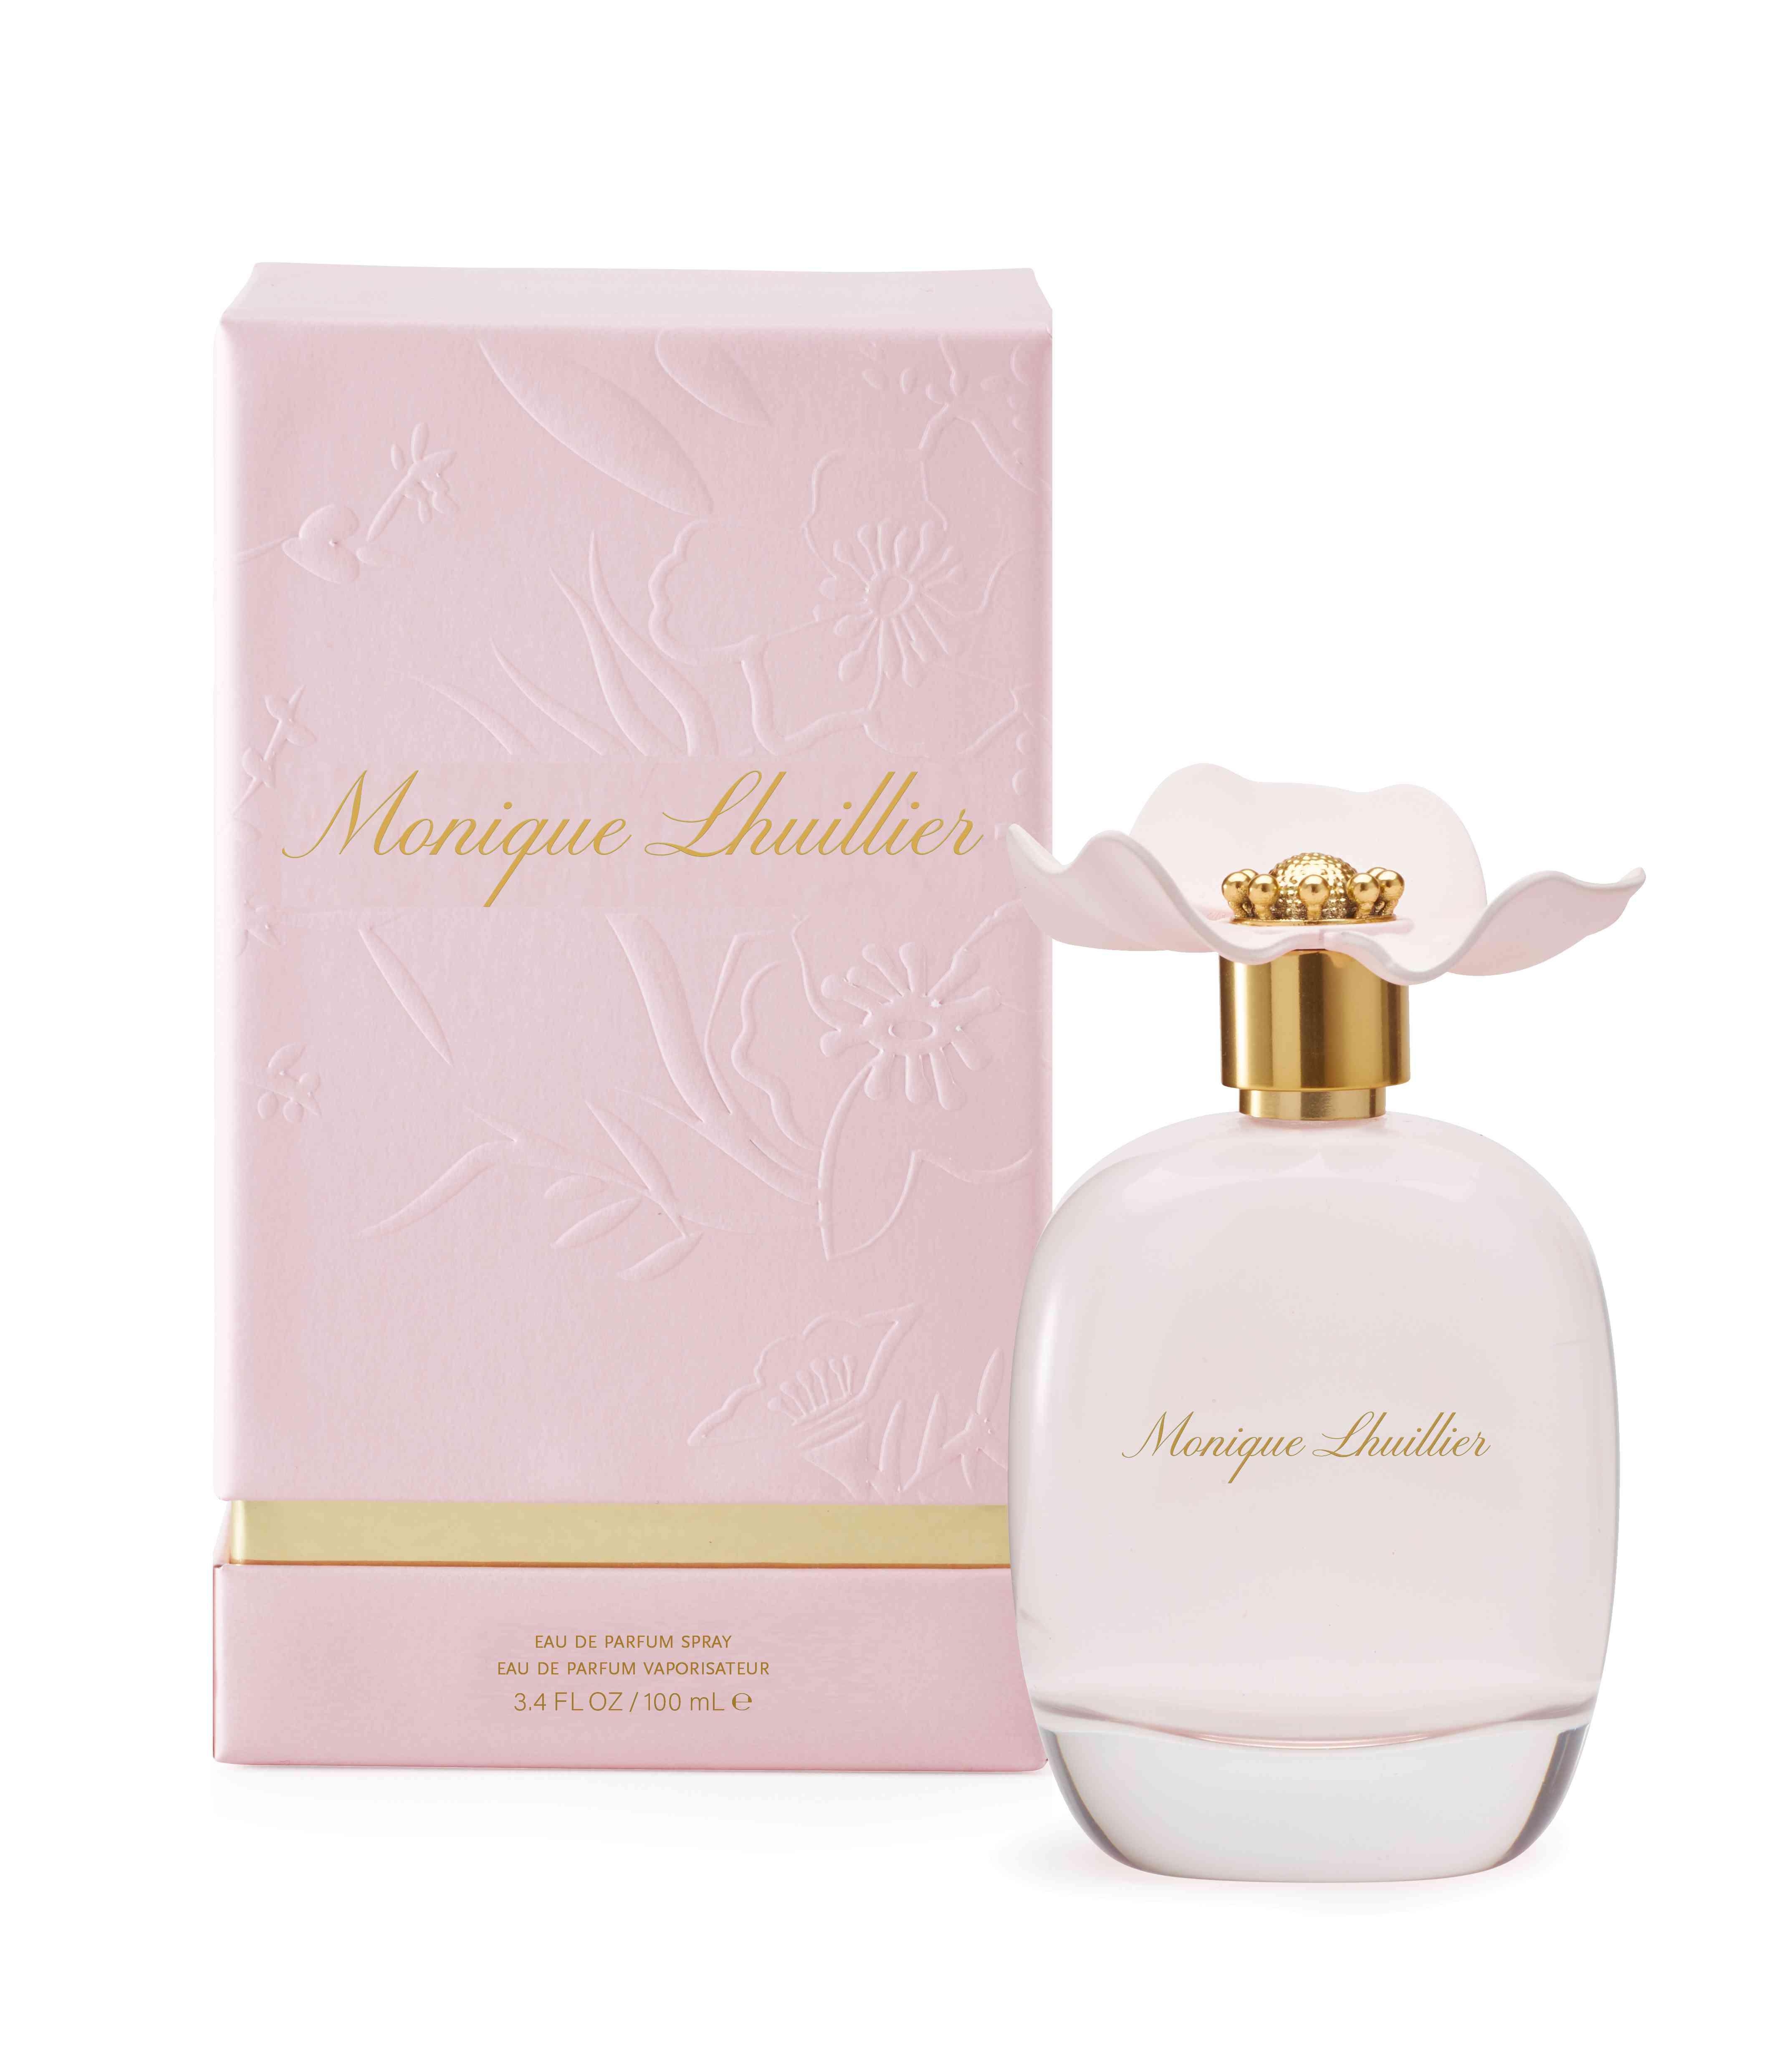 Monique Lhuillier Fragrance